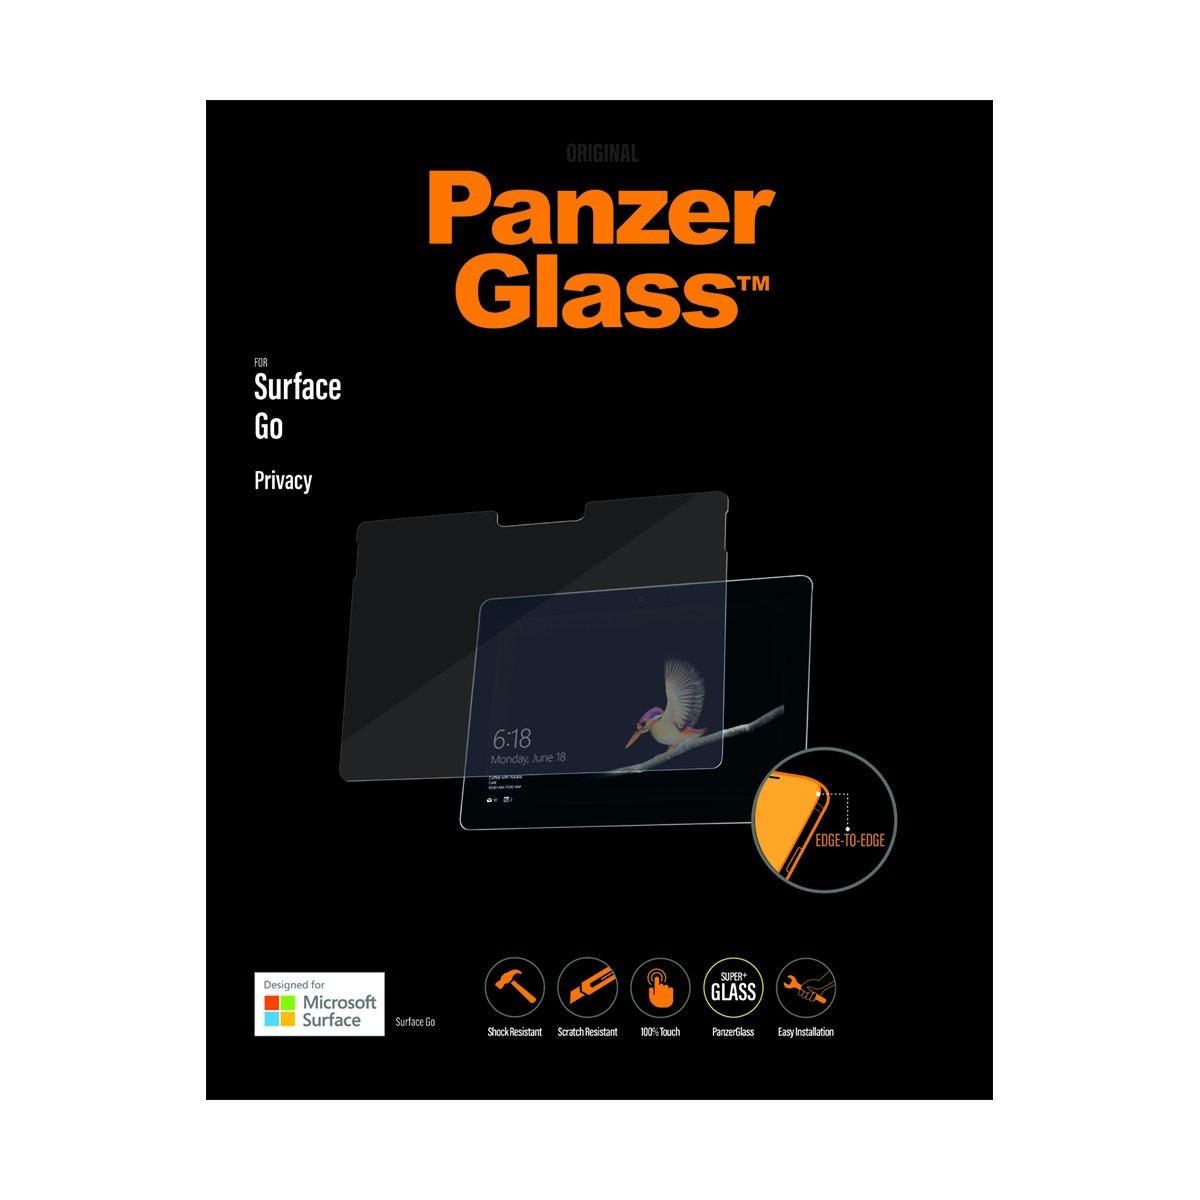 PanzerGlass P6255 protector de pantalla Protector de pantalla anti-reflejante Tableta Microsoft 1 pieza(s)